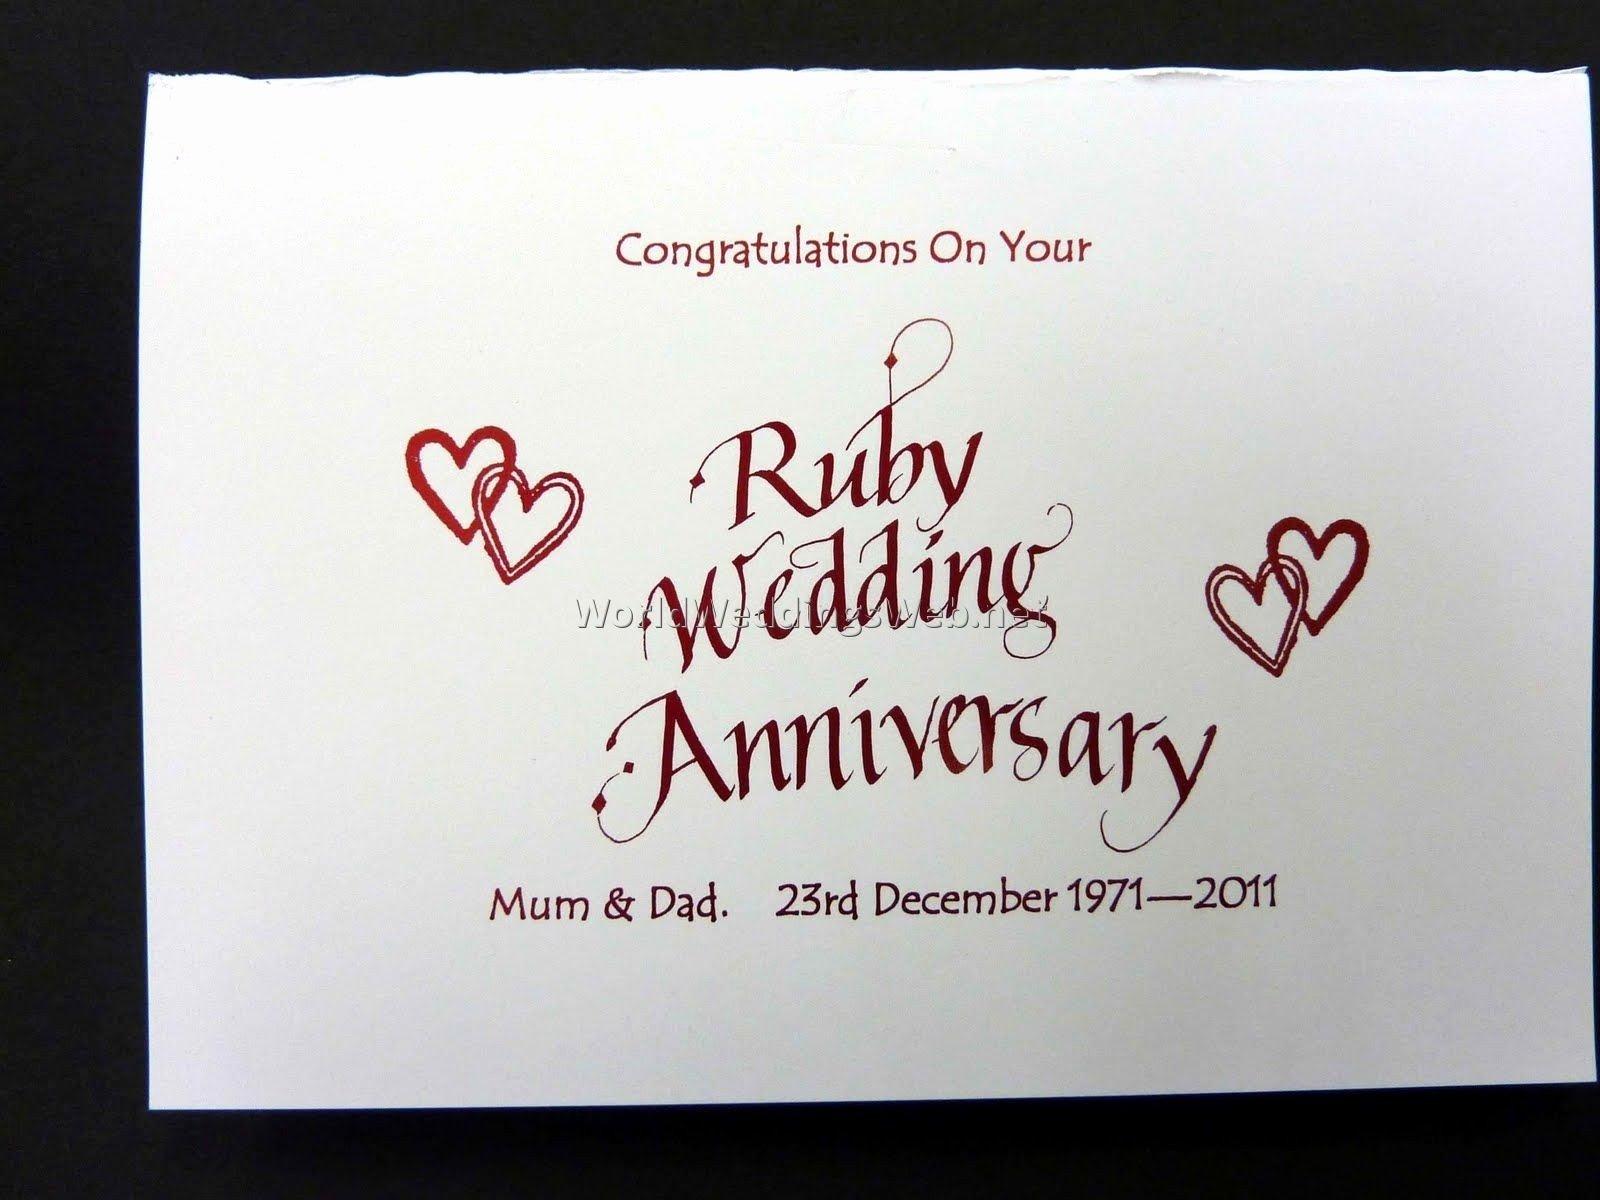 10 Best 9 Year Anniversary Gift Ideas wedding anniversary 9 year gift fresh 9 year anniversary gift for 1 2020